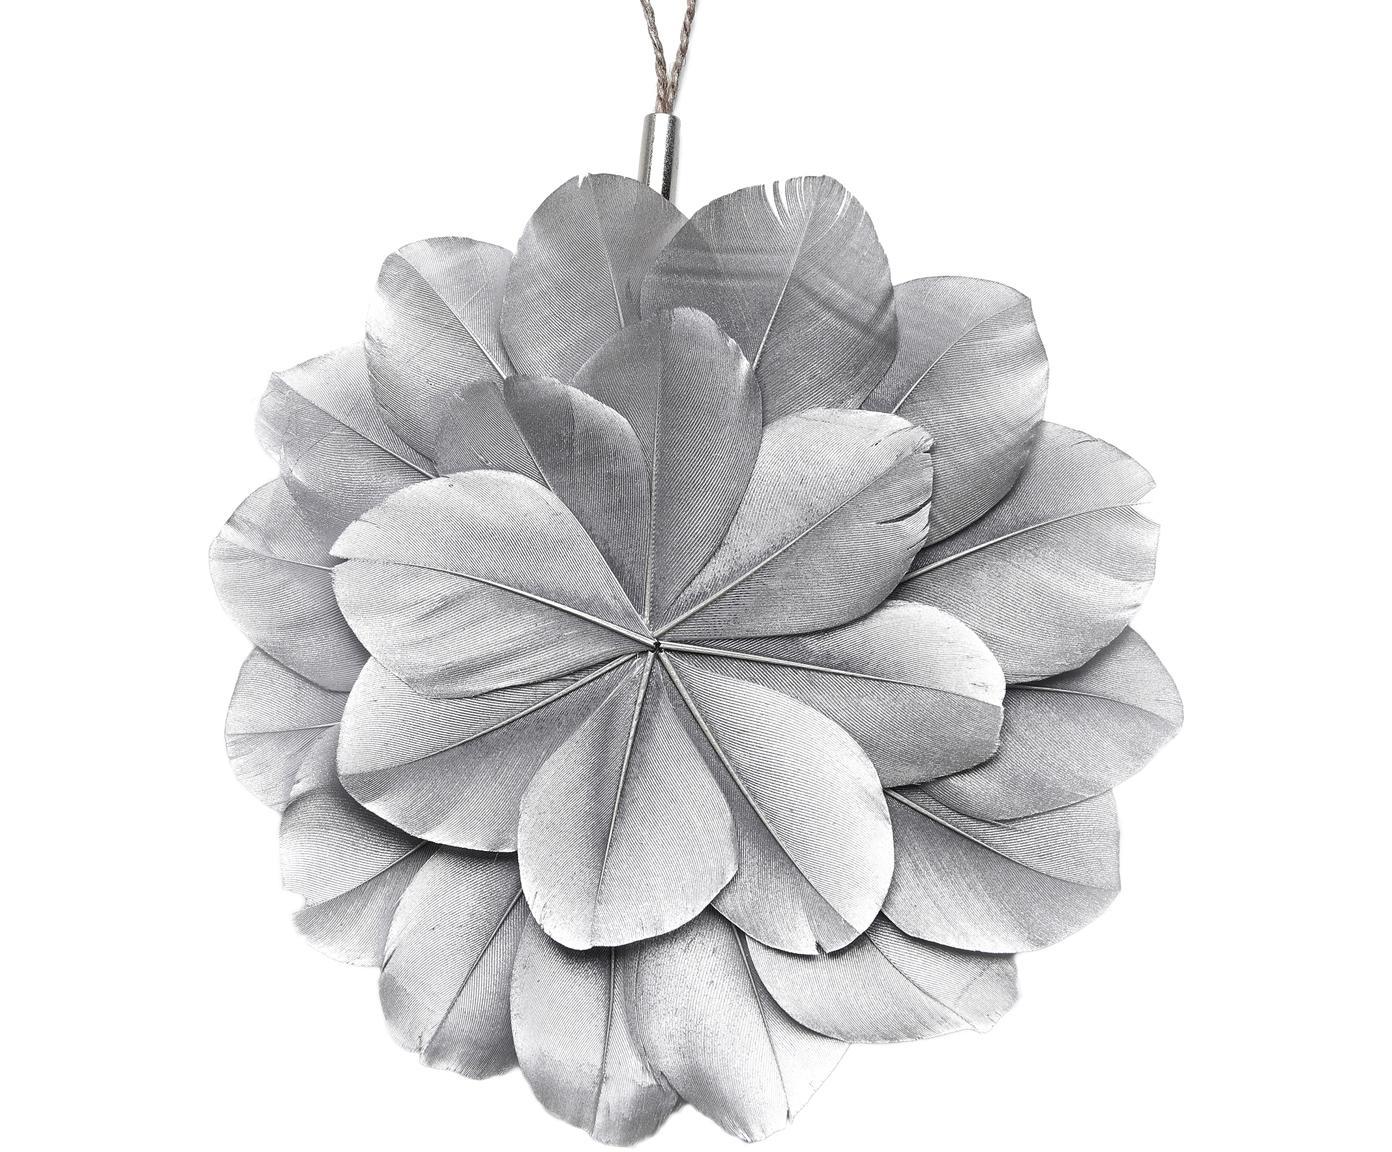 Kerstboomhangers Juju, 2 stuks, Zilverkleurig, bruin, Ø 12 x D 1 cm